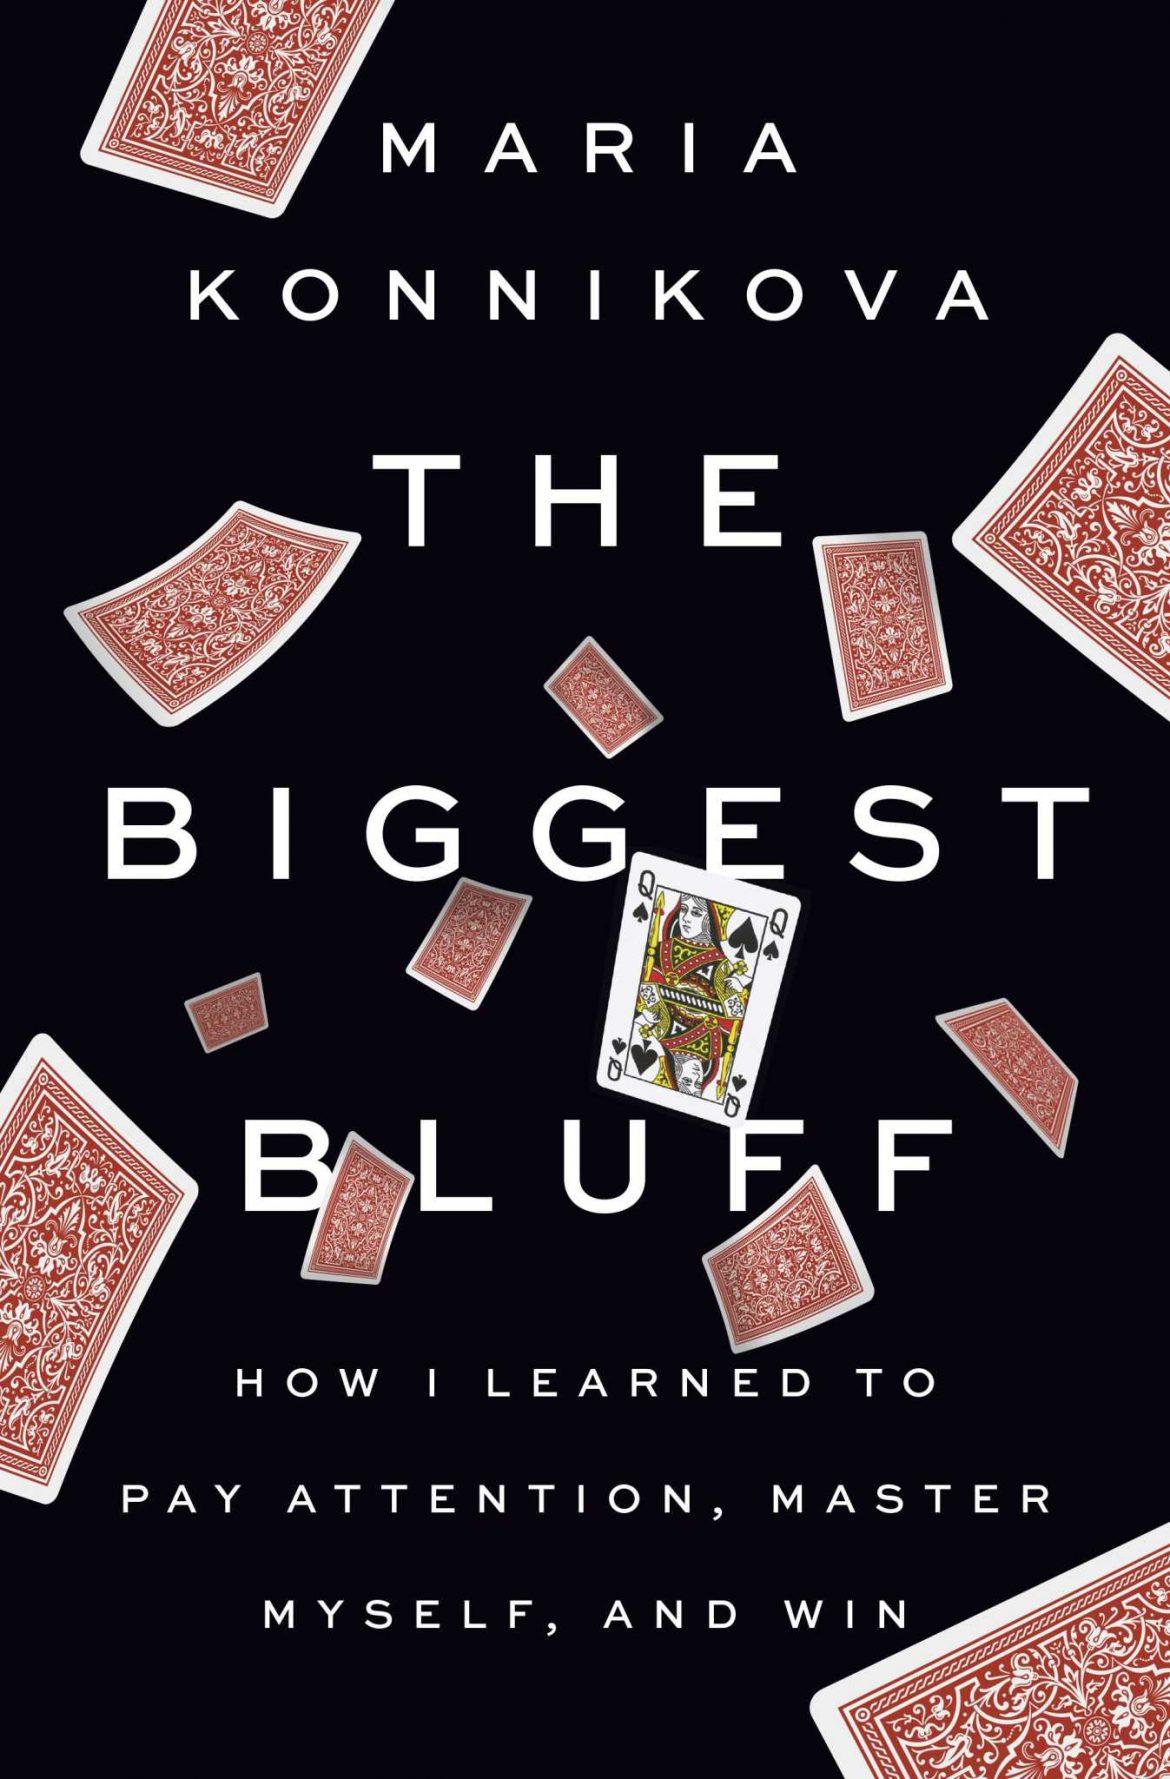 Dunia Buku: Seorang psikolog melakukan perjalanan spiritual - ke turnamen poker